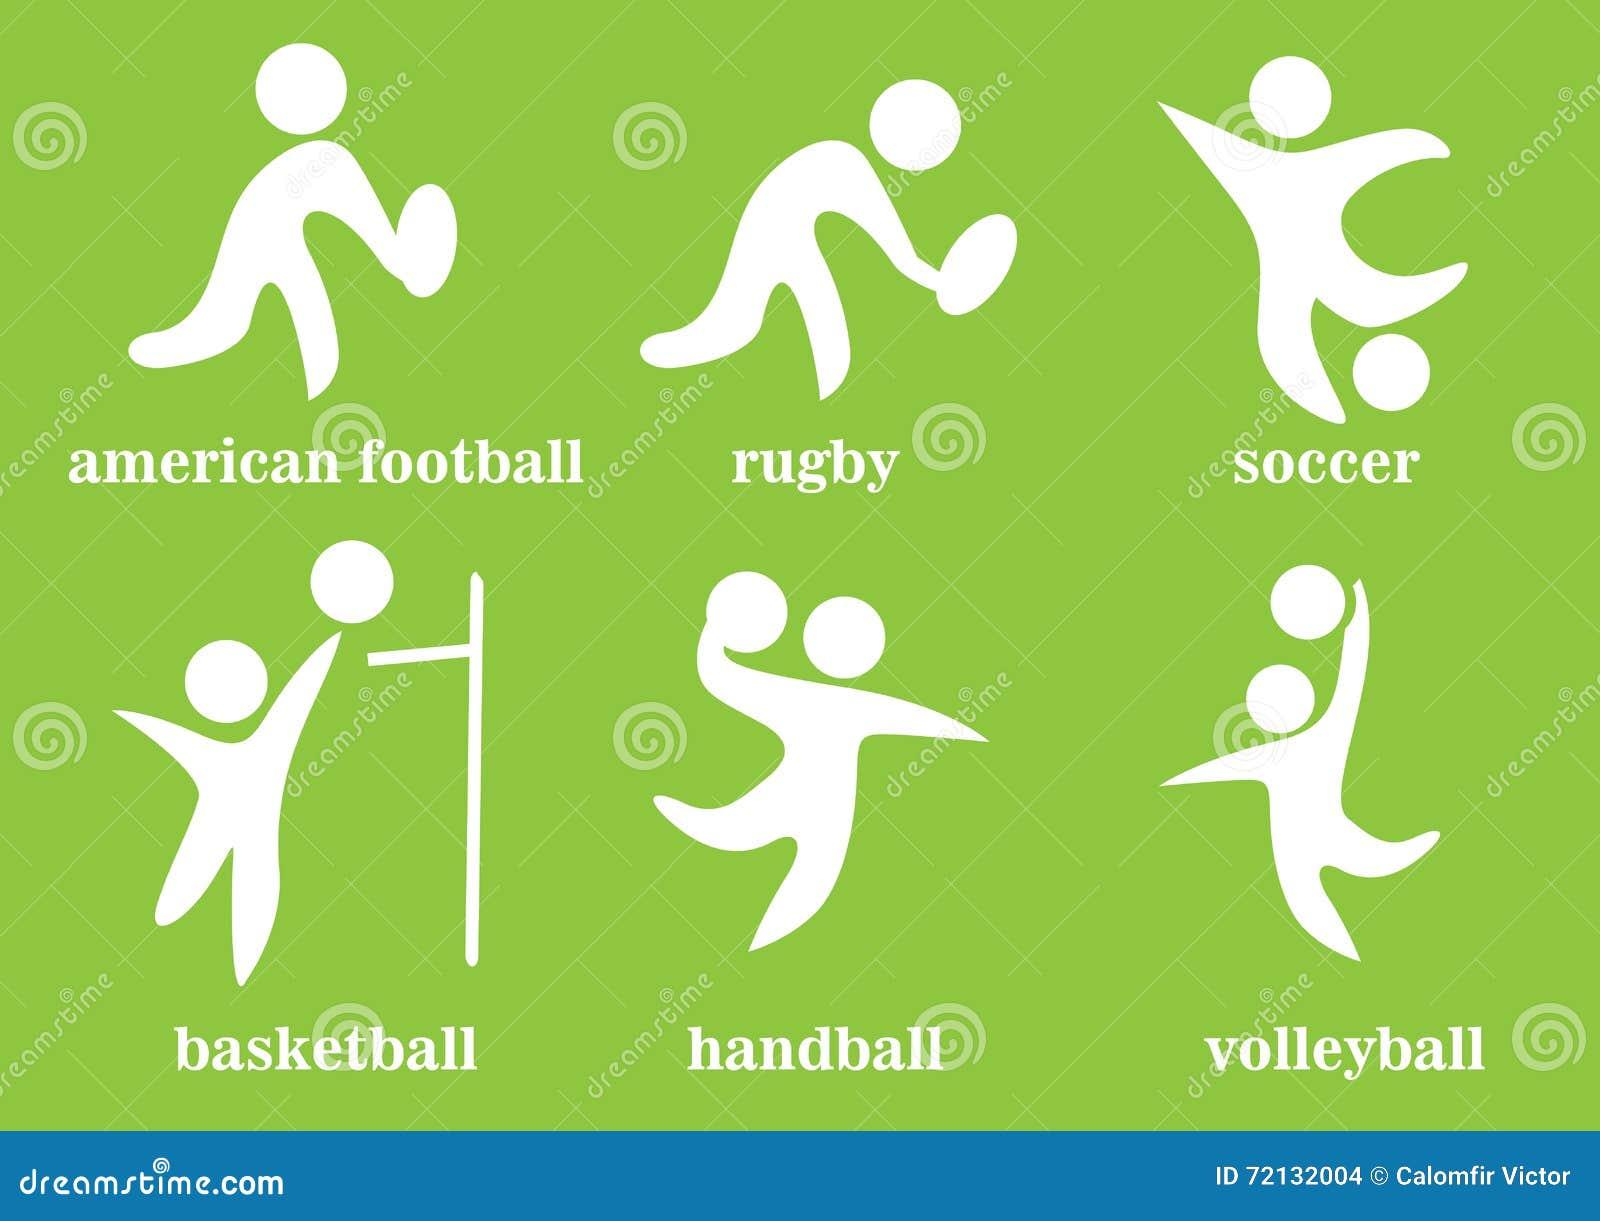 Rugby, futebol, handball, voleyball, futebol americano, basquetebol, ícone do esporte de equipe